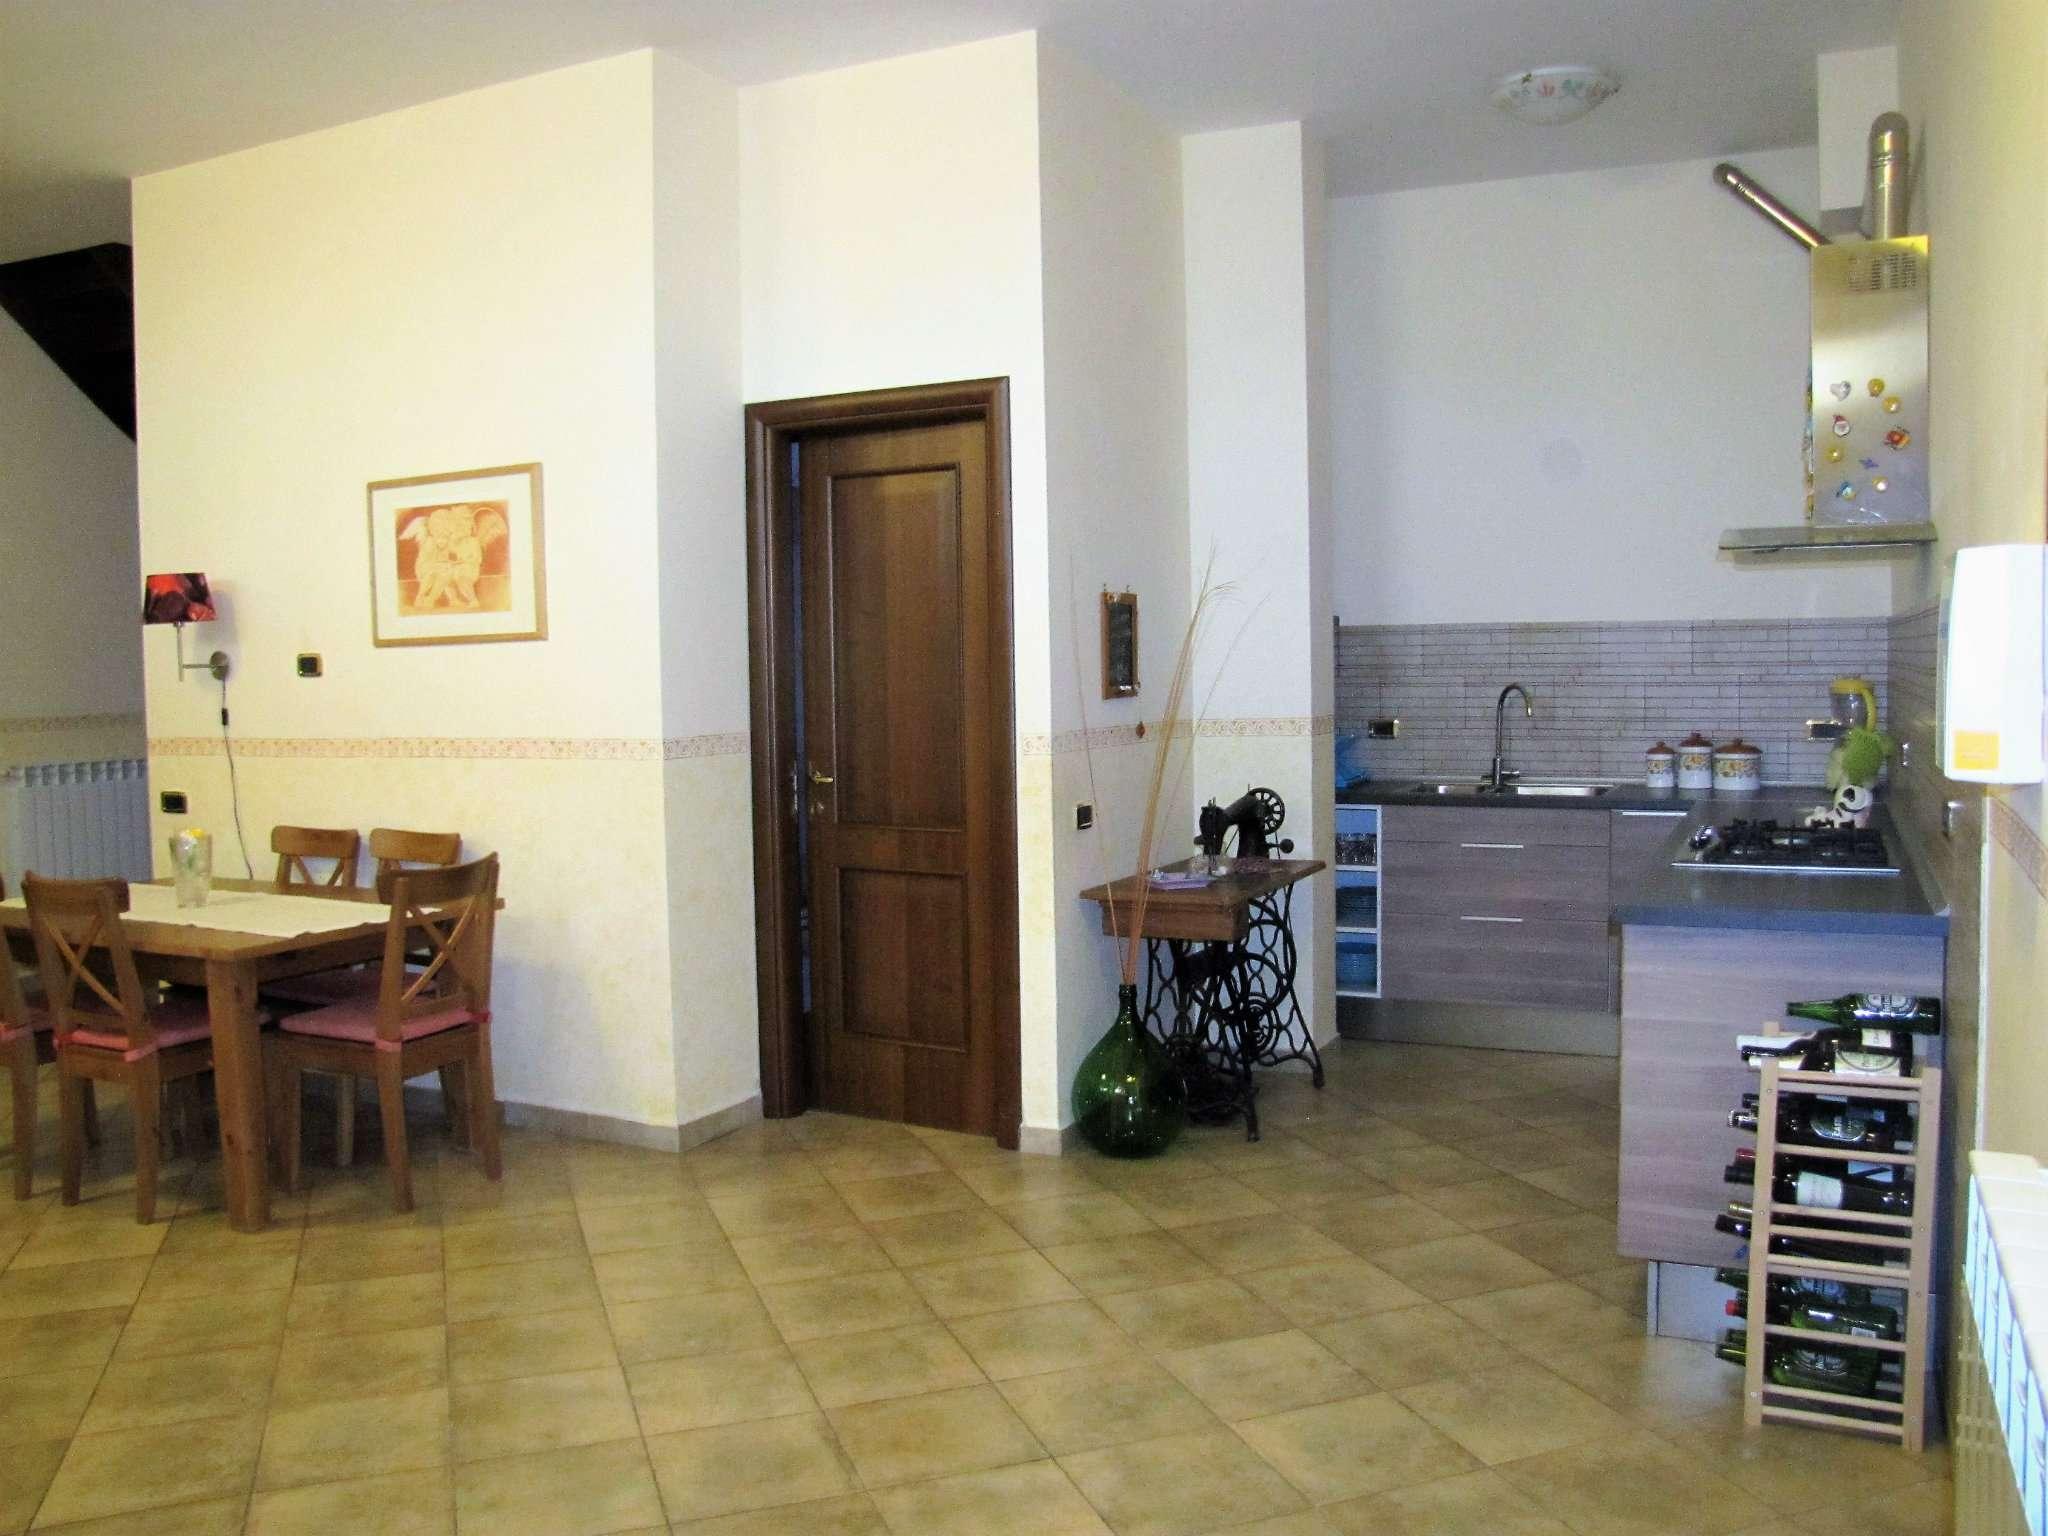 Foto 12 di Villa a Schiera via MITTA 6, Roma (zona Finocchio - Torre Gaia - Tor Vergata)